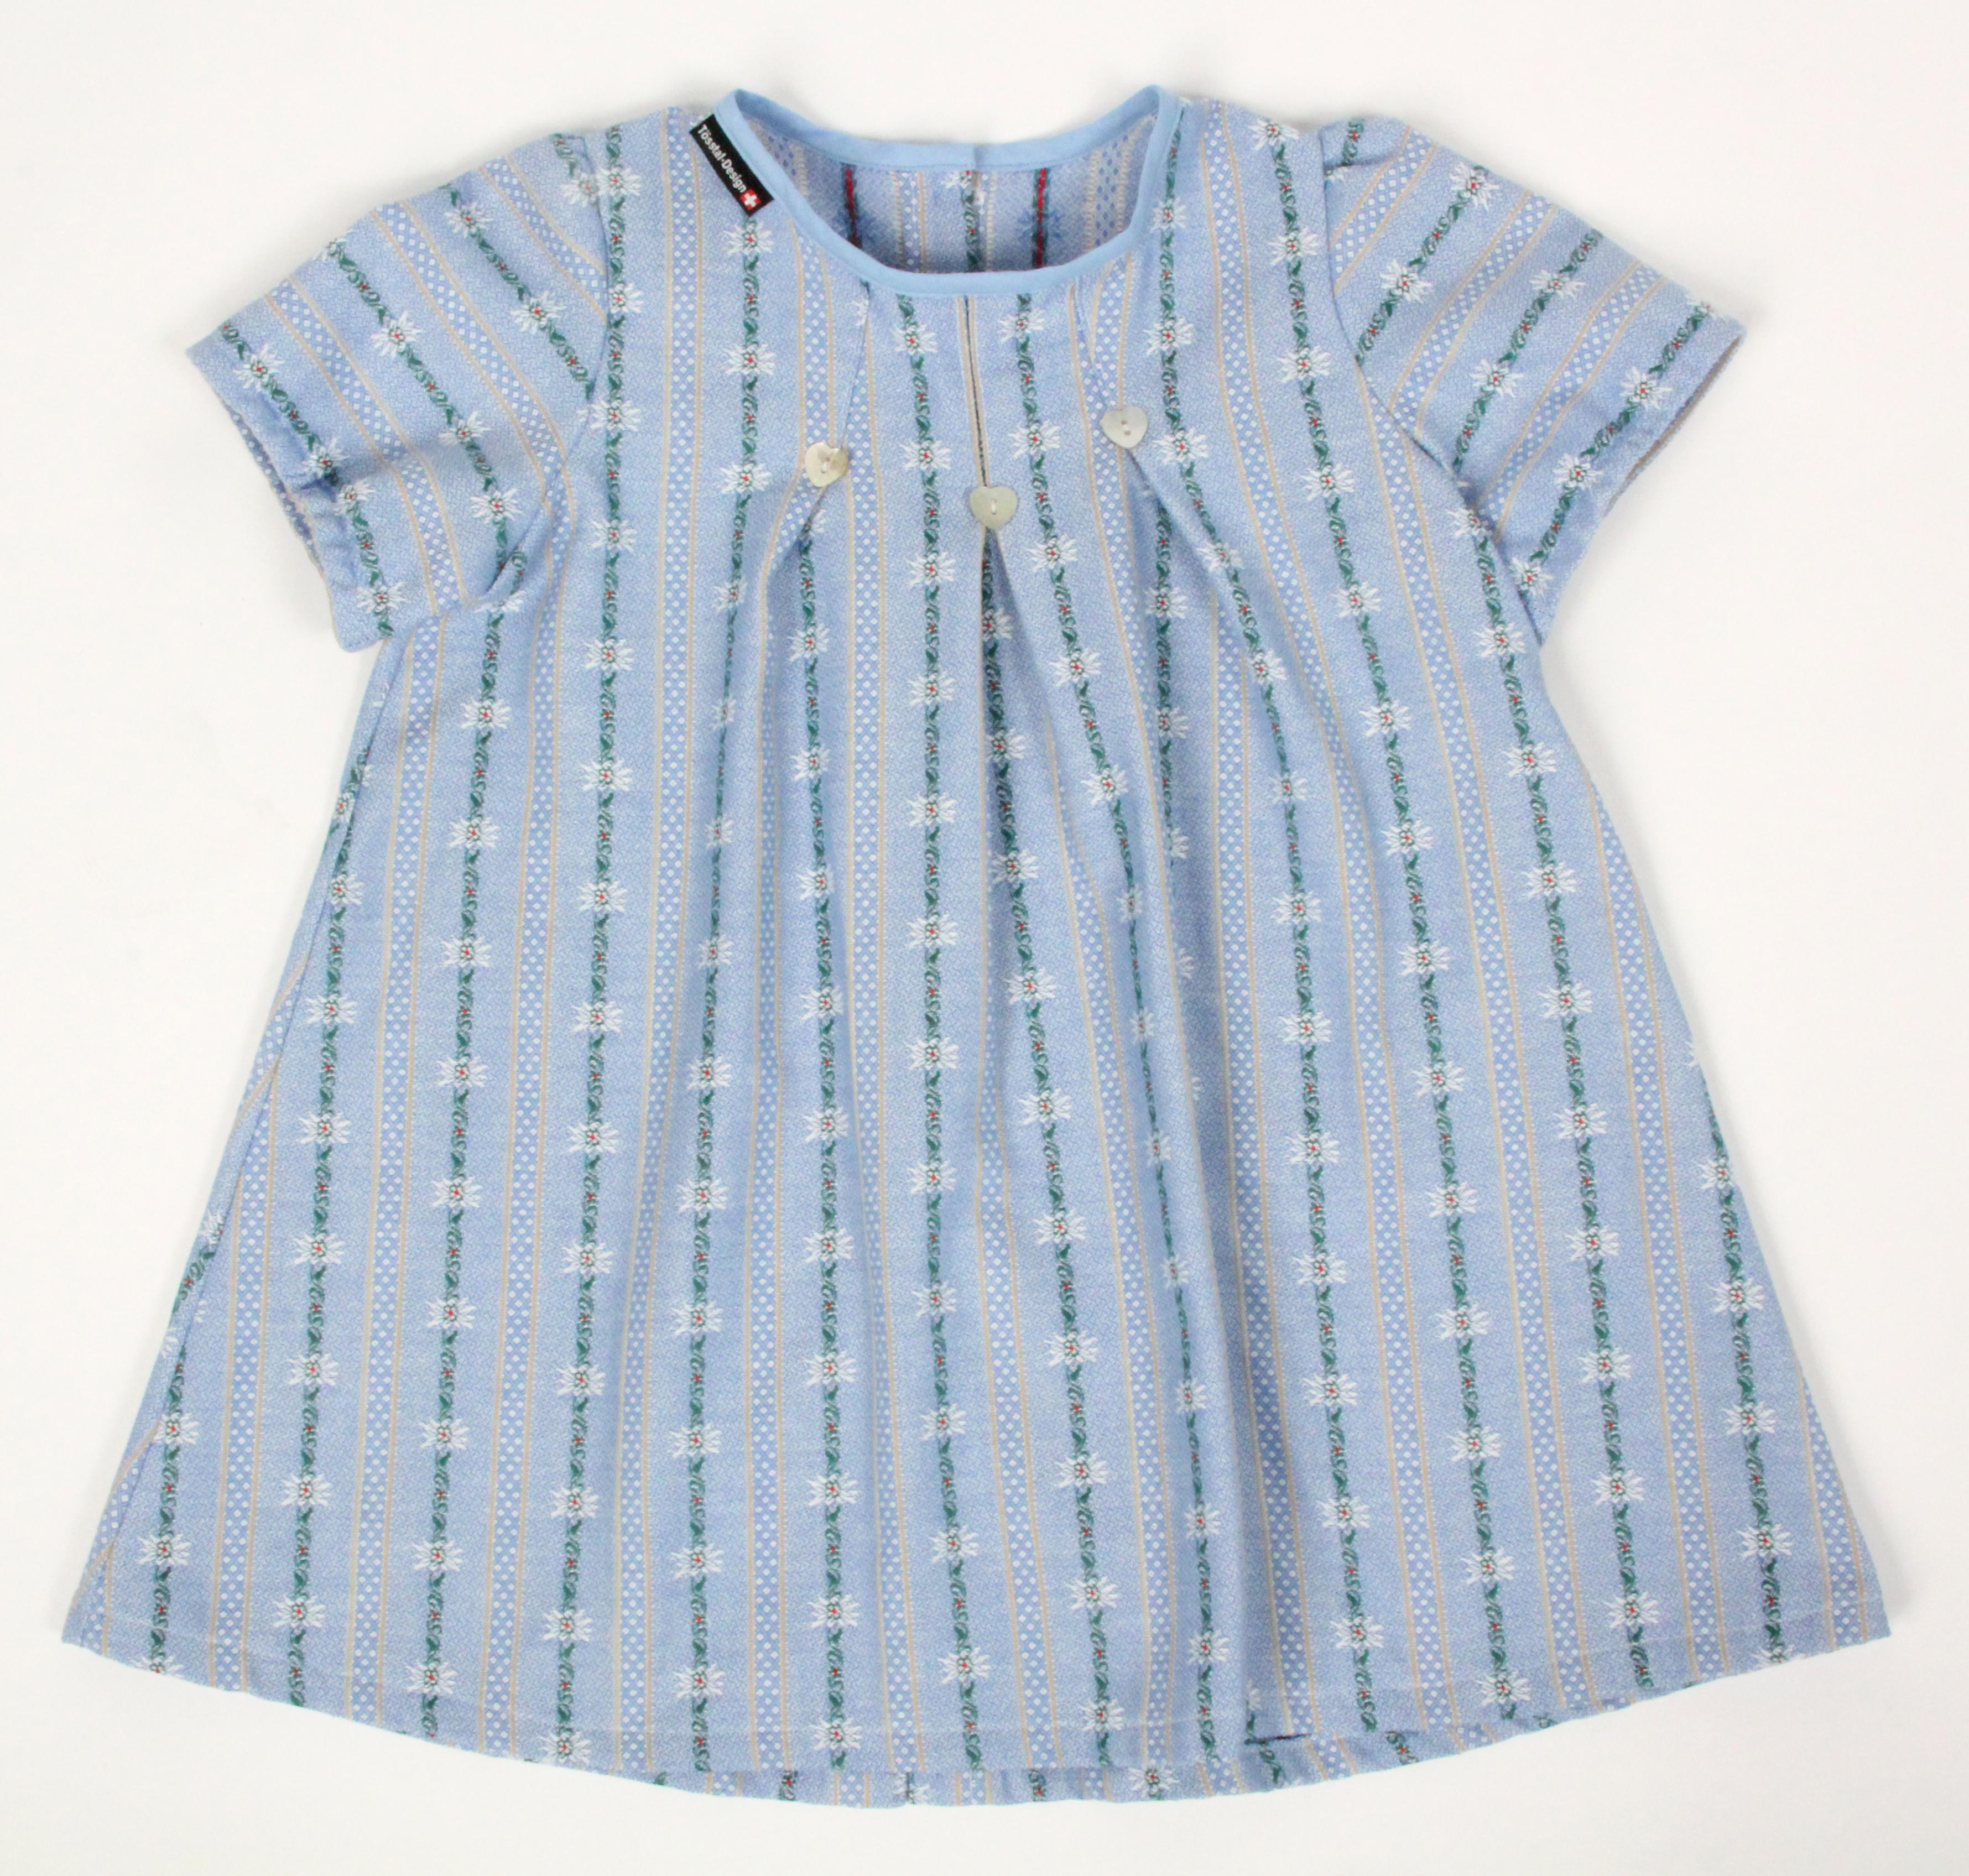 Edelweiss Kinderkleid hellblau, Rückenverschluss